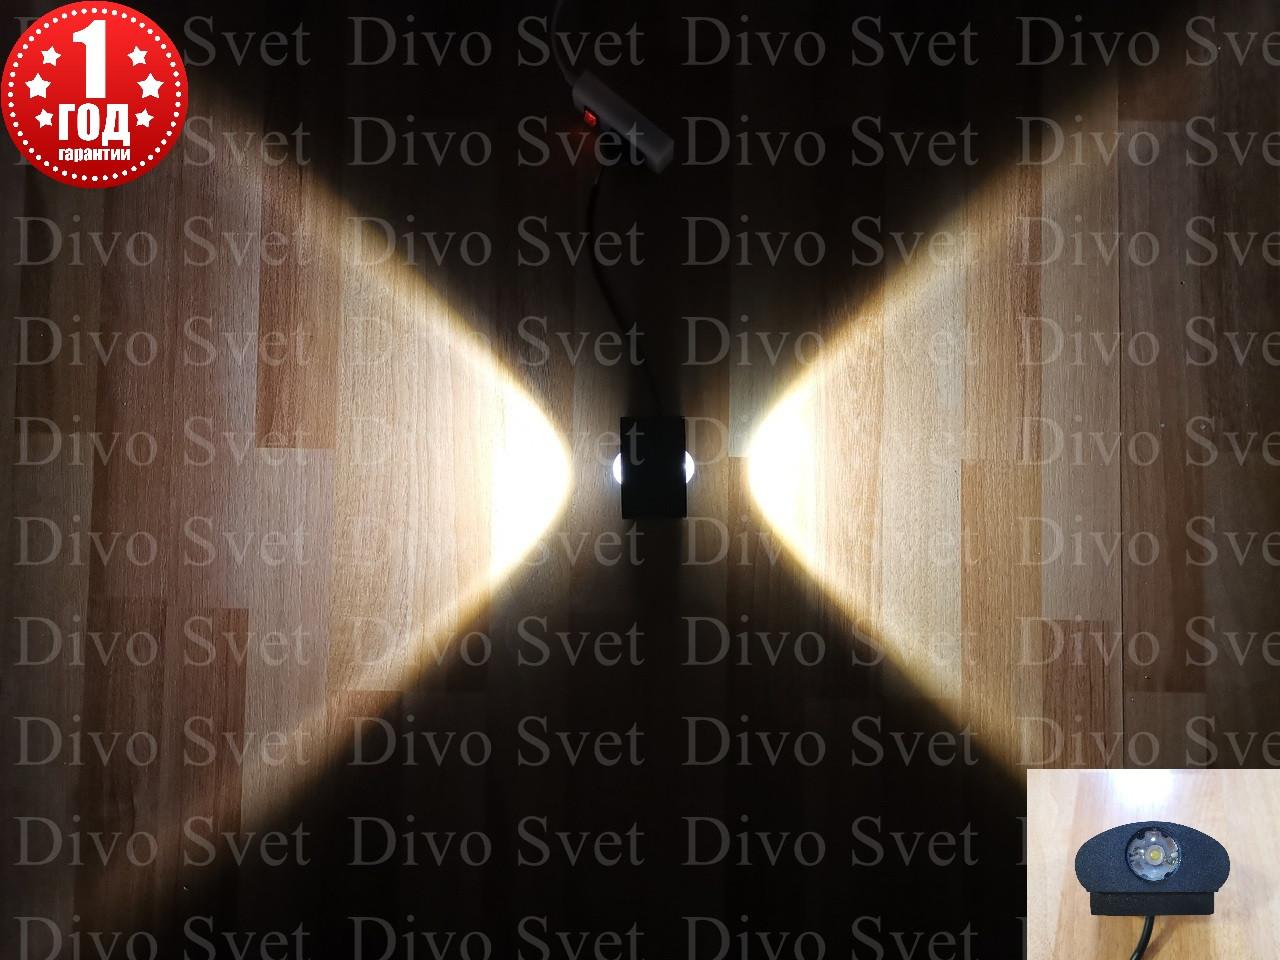 Led светильник фасадный линзованый 2w, декоративный. Светодиодный архитектурный прожектор 2w на стену.